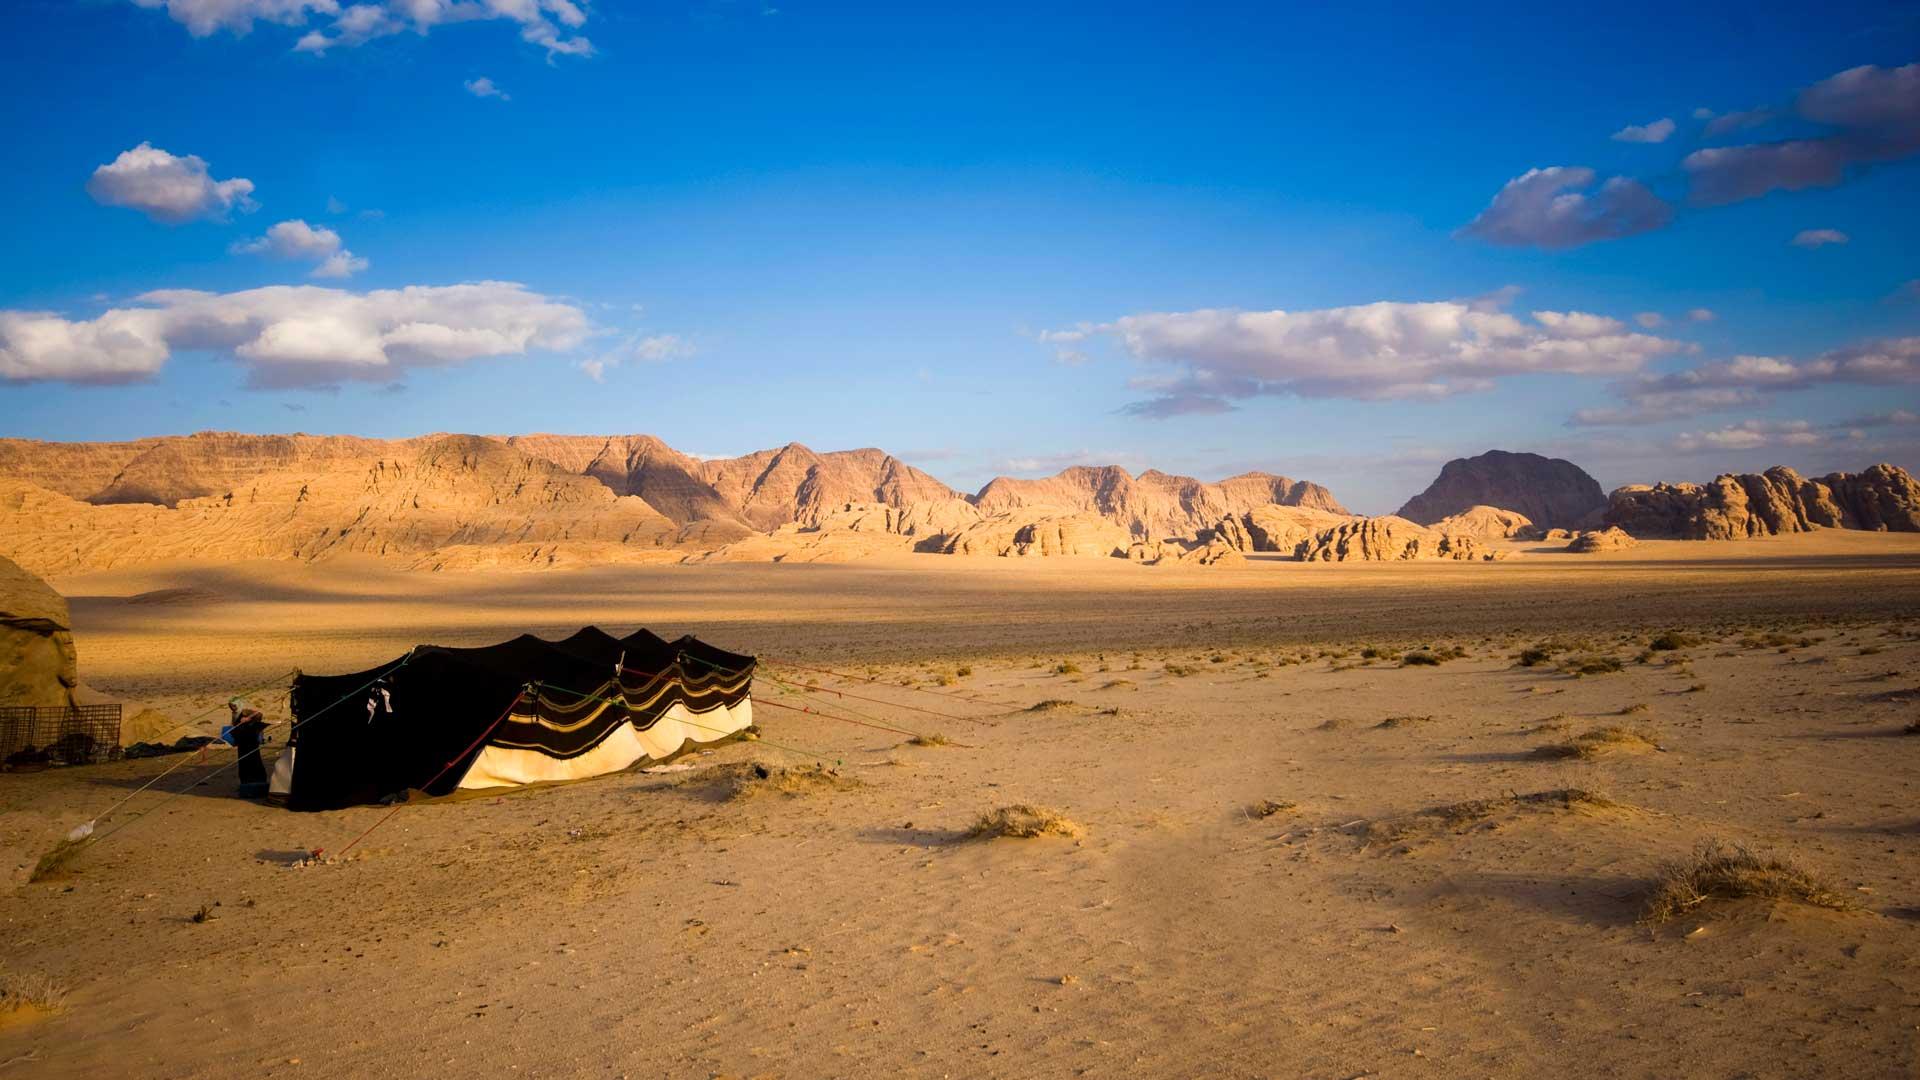 A Bedouin tent in the Wadi Rum desert, Jordan